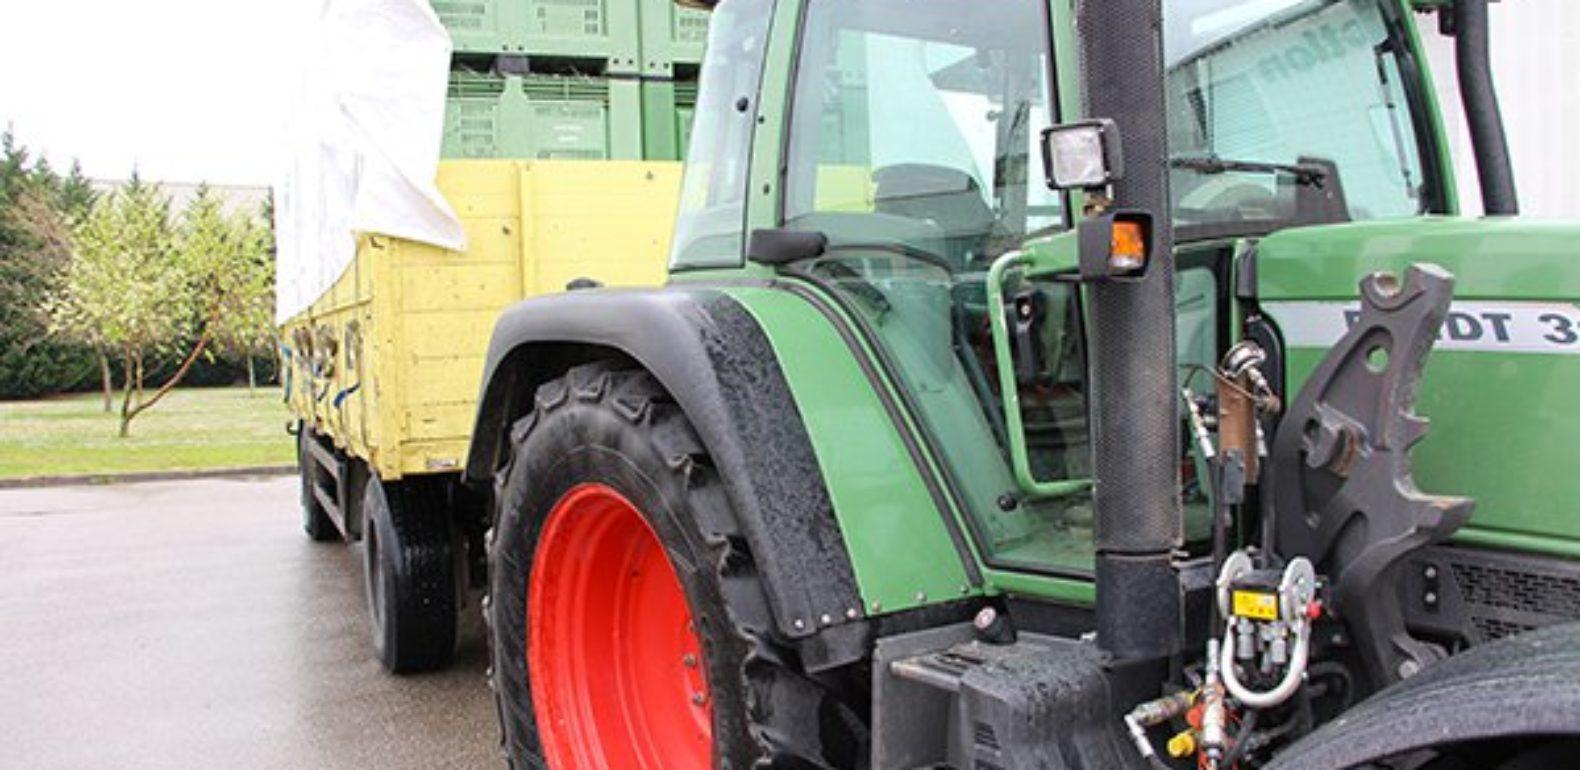 Tracteur asurant la livraison de poireaux